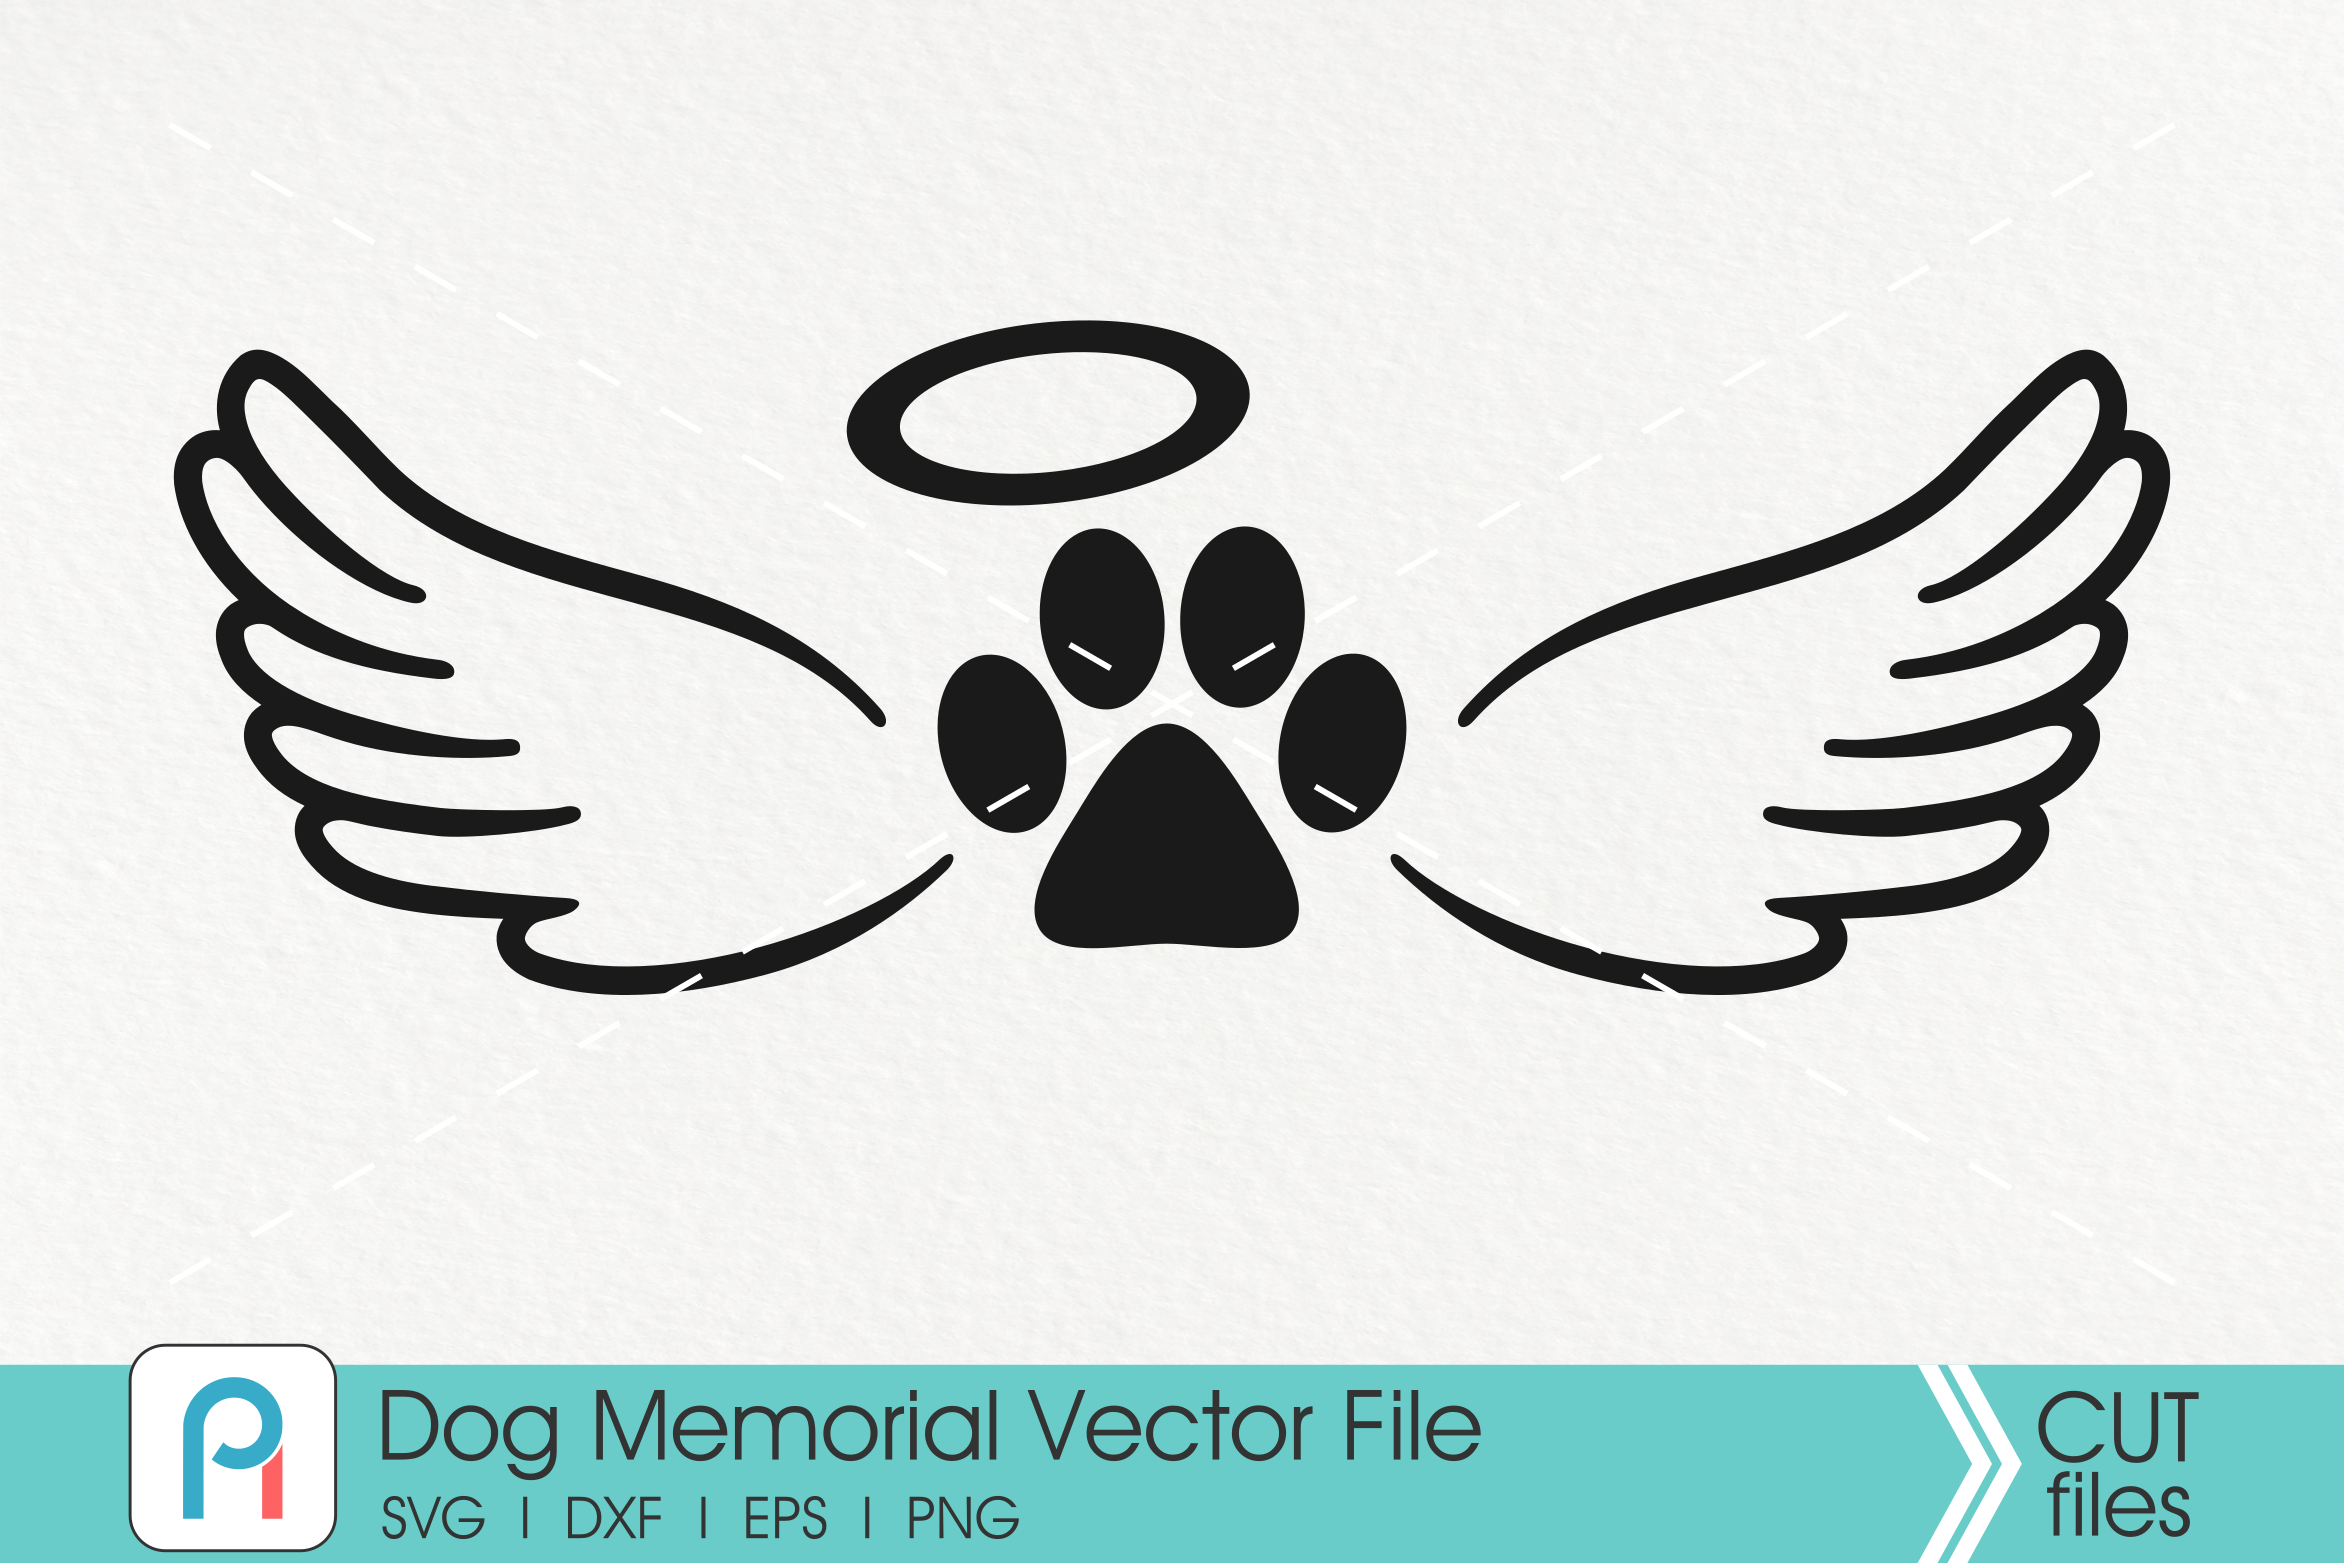 Dog Memorial Svg, Dog Remembrance Svg, Paw Svg, Dog Svg, Svg example image 1